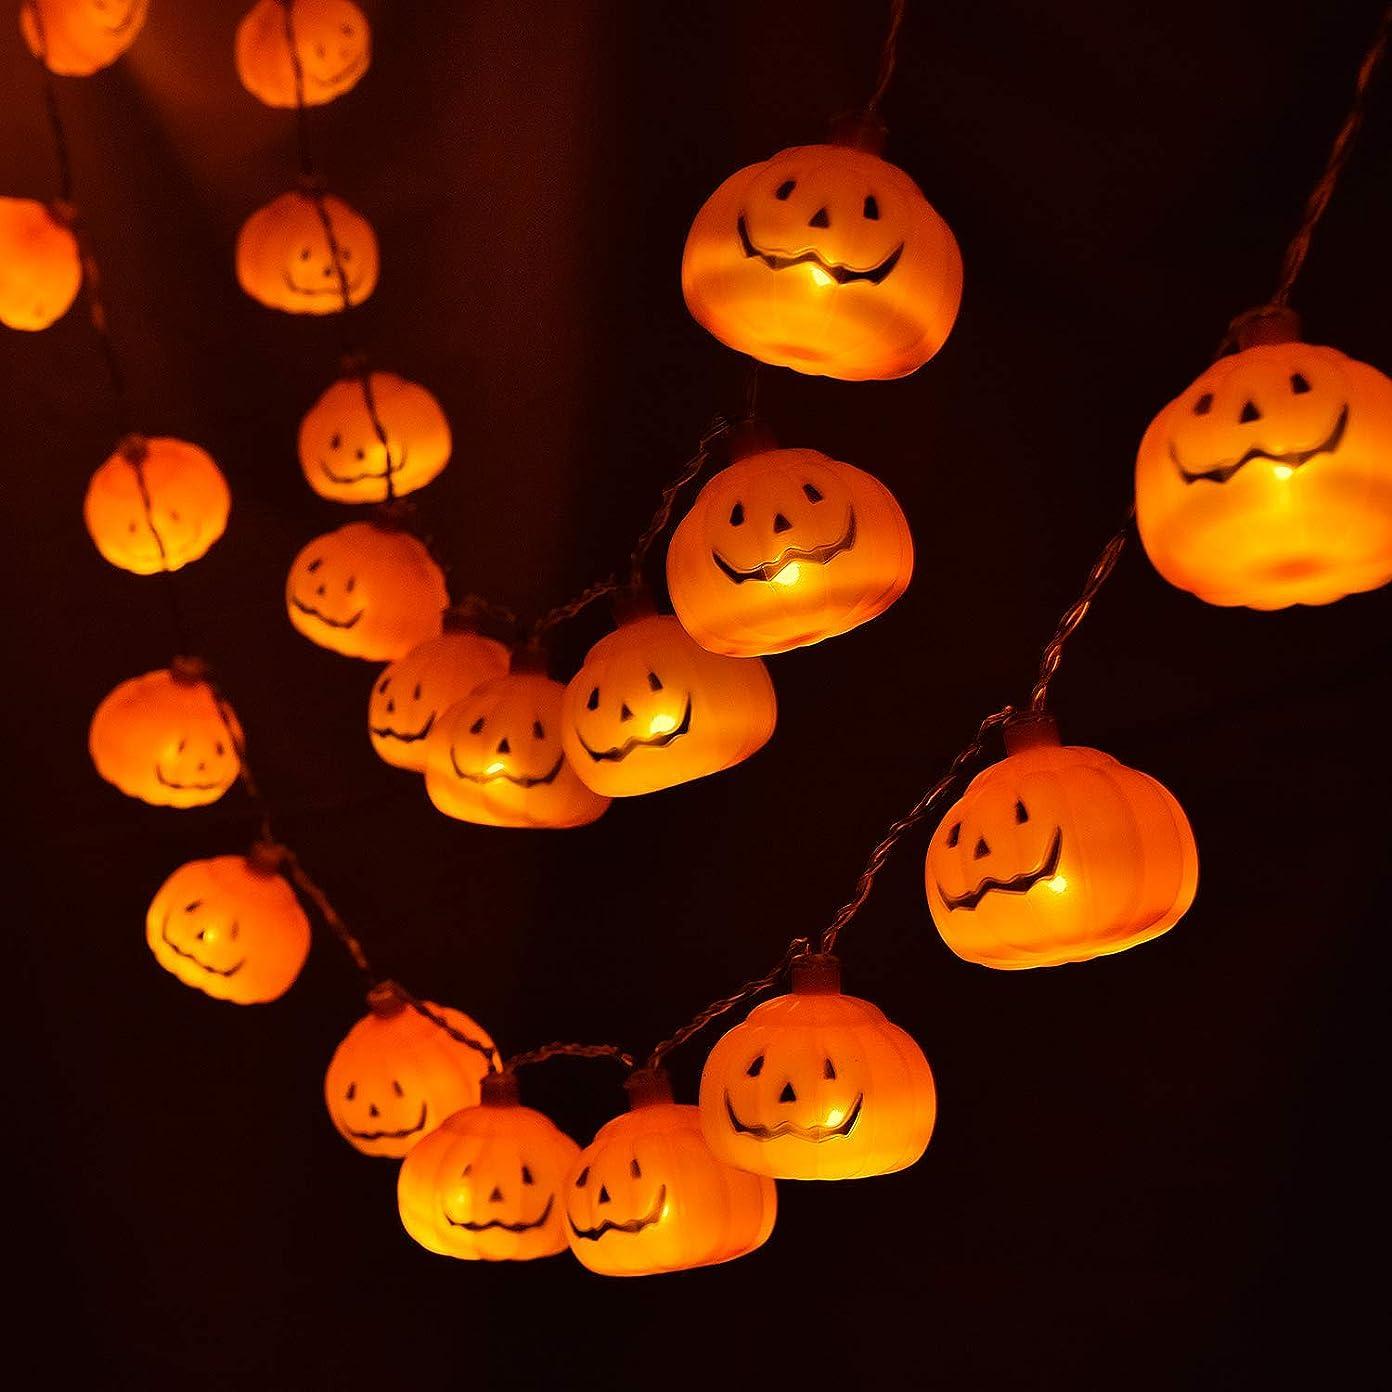 ポーターファイナンス文明Atpwonzハロウィン装飾 カボチャled パンプキンライト 電池式20球 3m 防水 オレンジ色 ハロウィンパーティー ハロウィンデコレーション